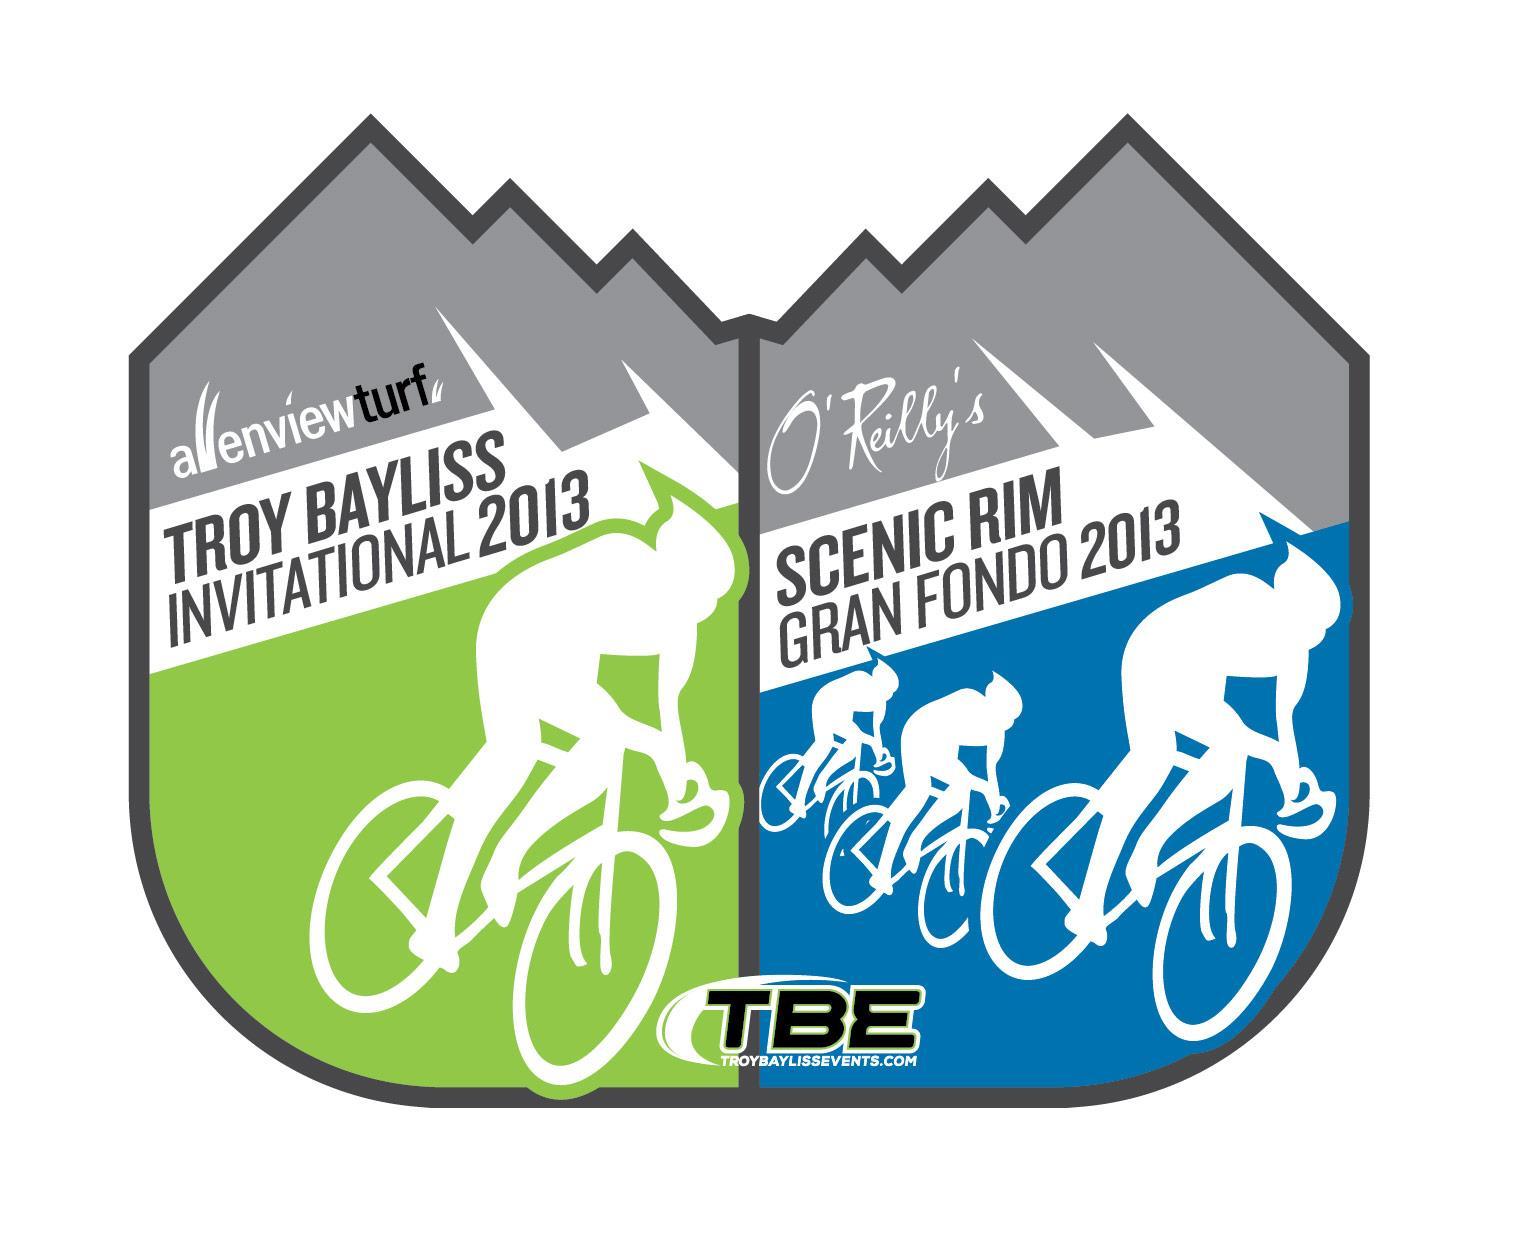 Troy_Bayliss_Events_Bayliss.it_01